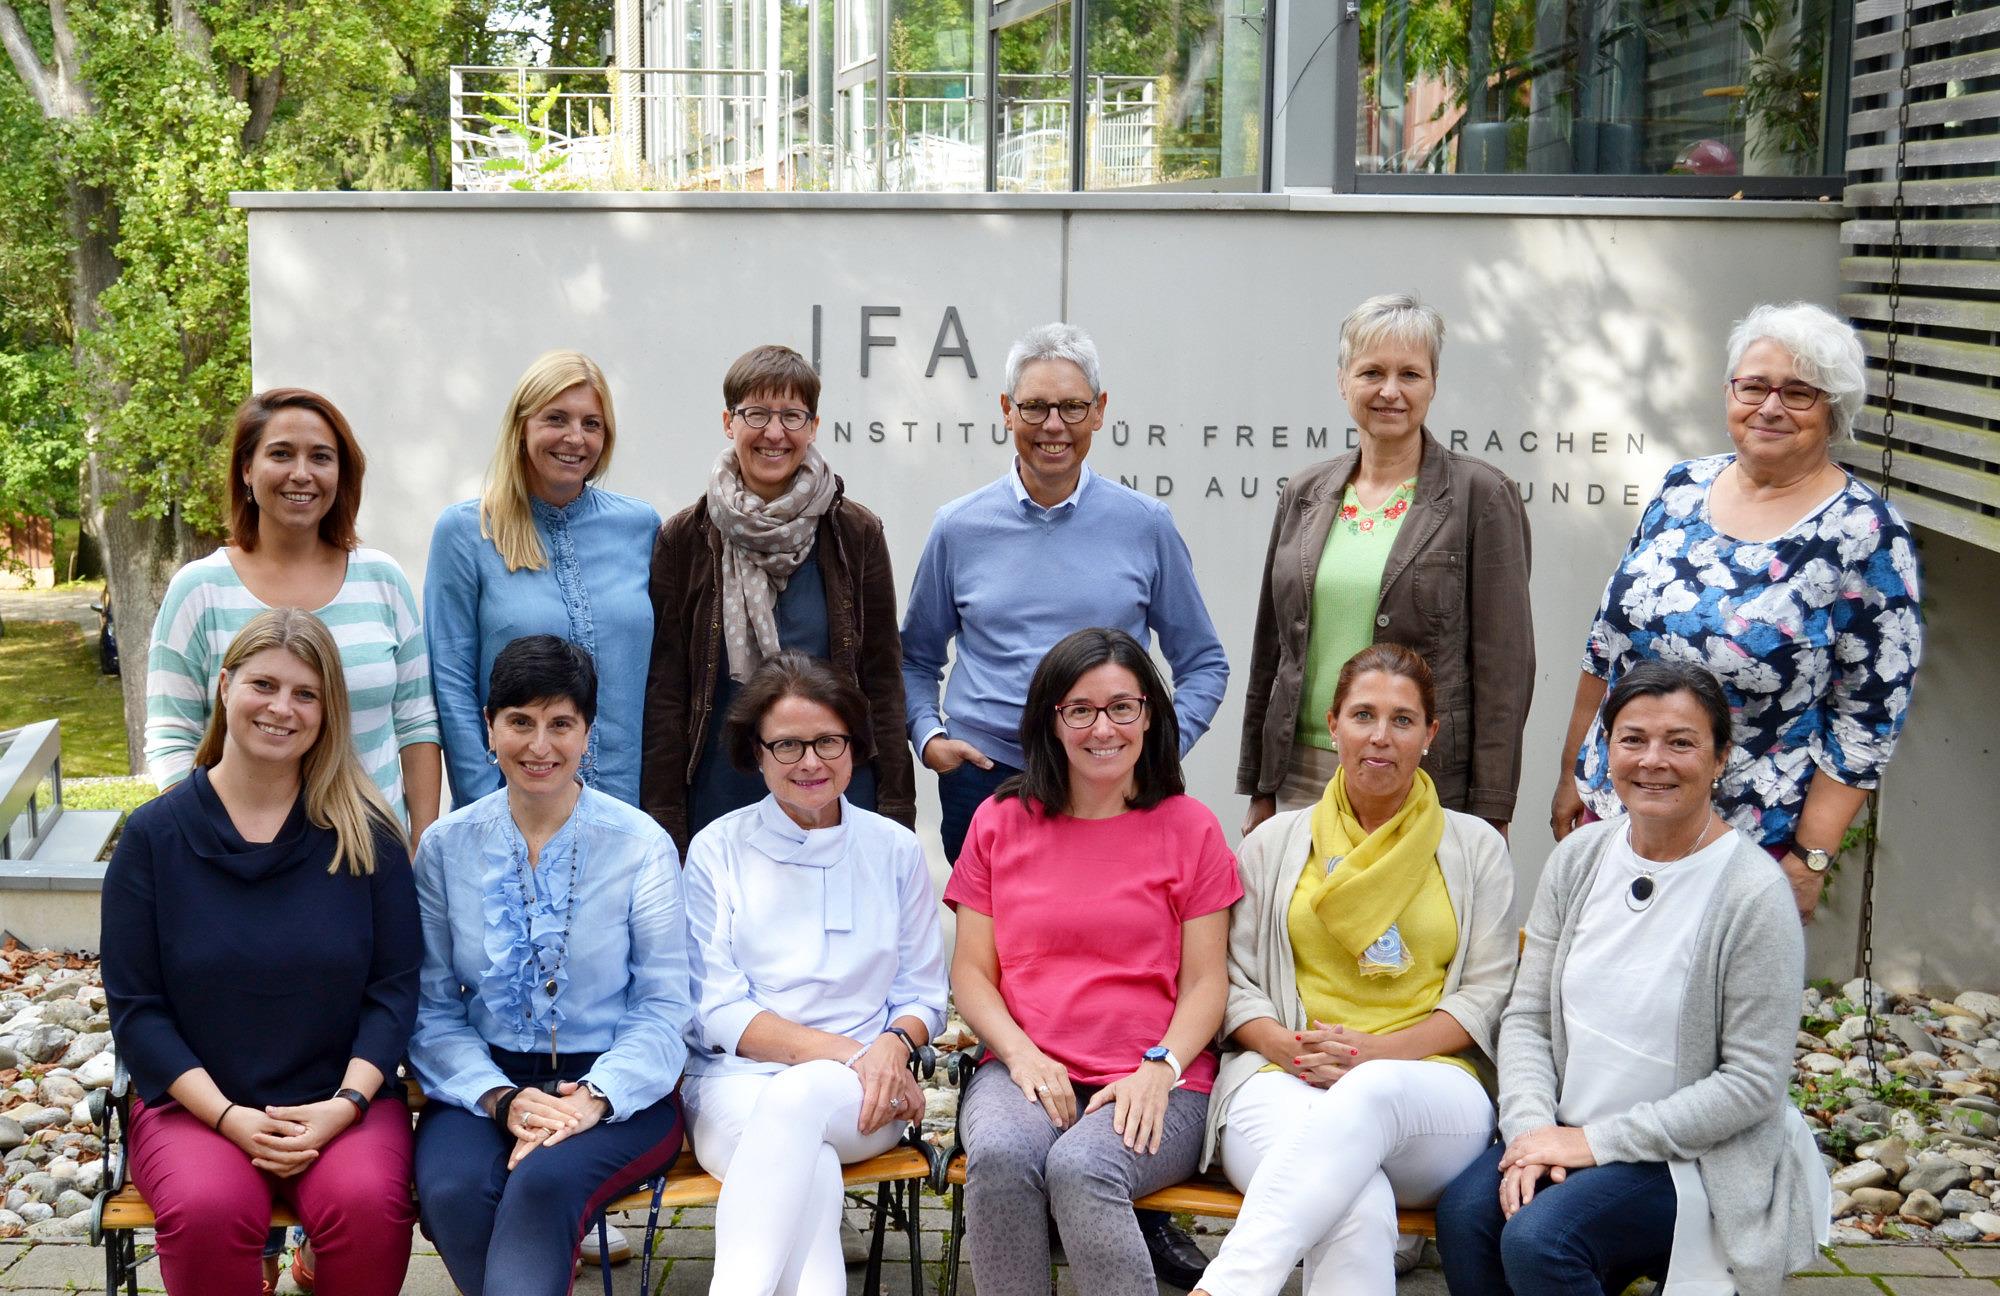 Abgebildet ist die spanische Abteilung des Instituts vor dem Neubau des IFA.